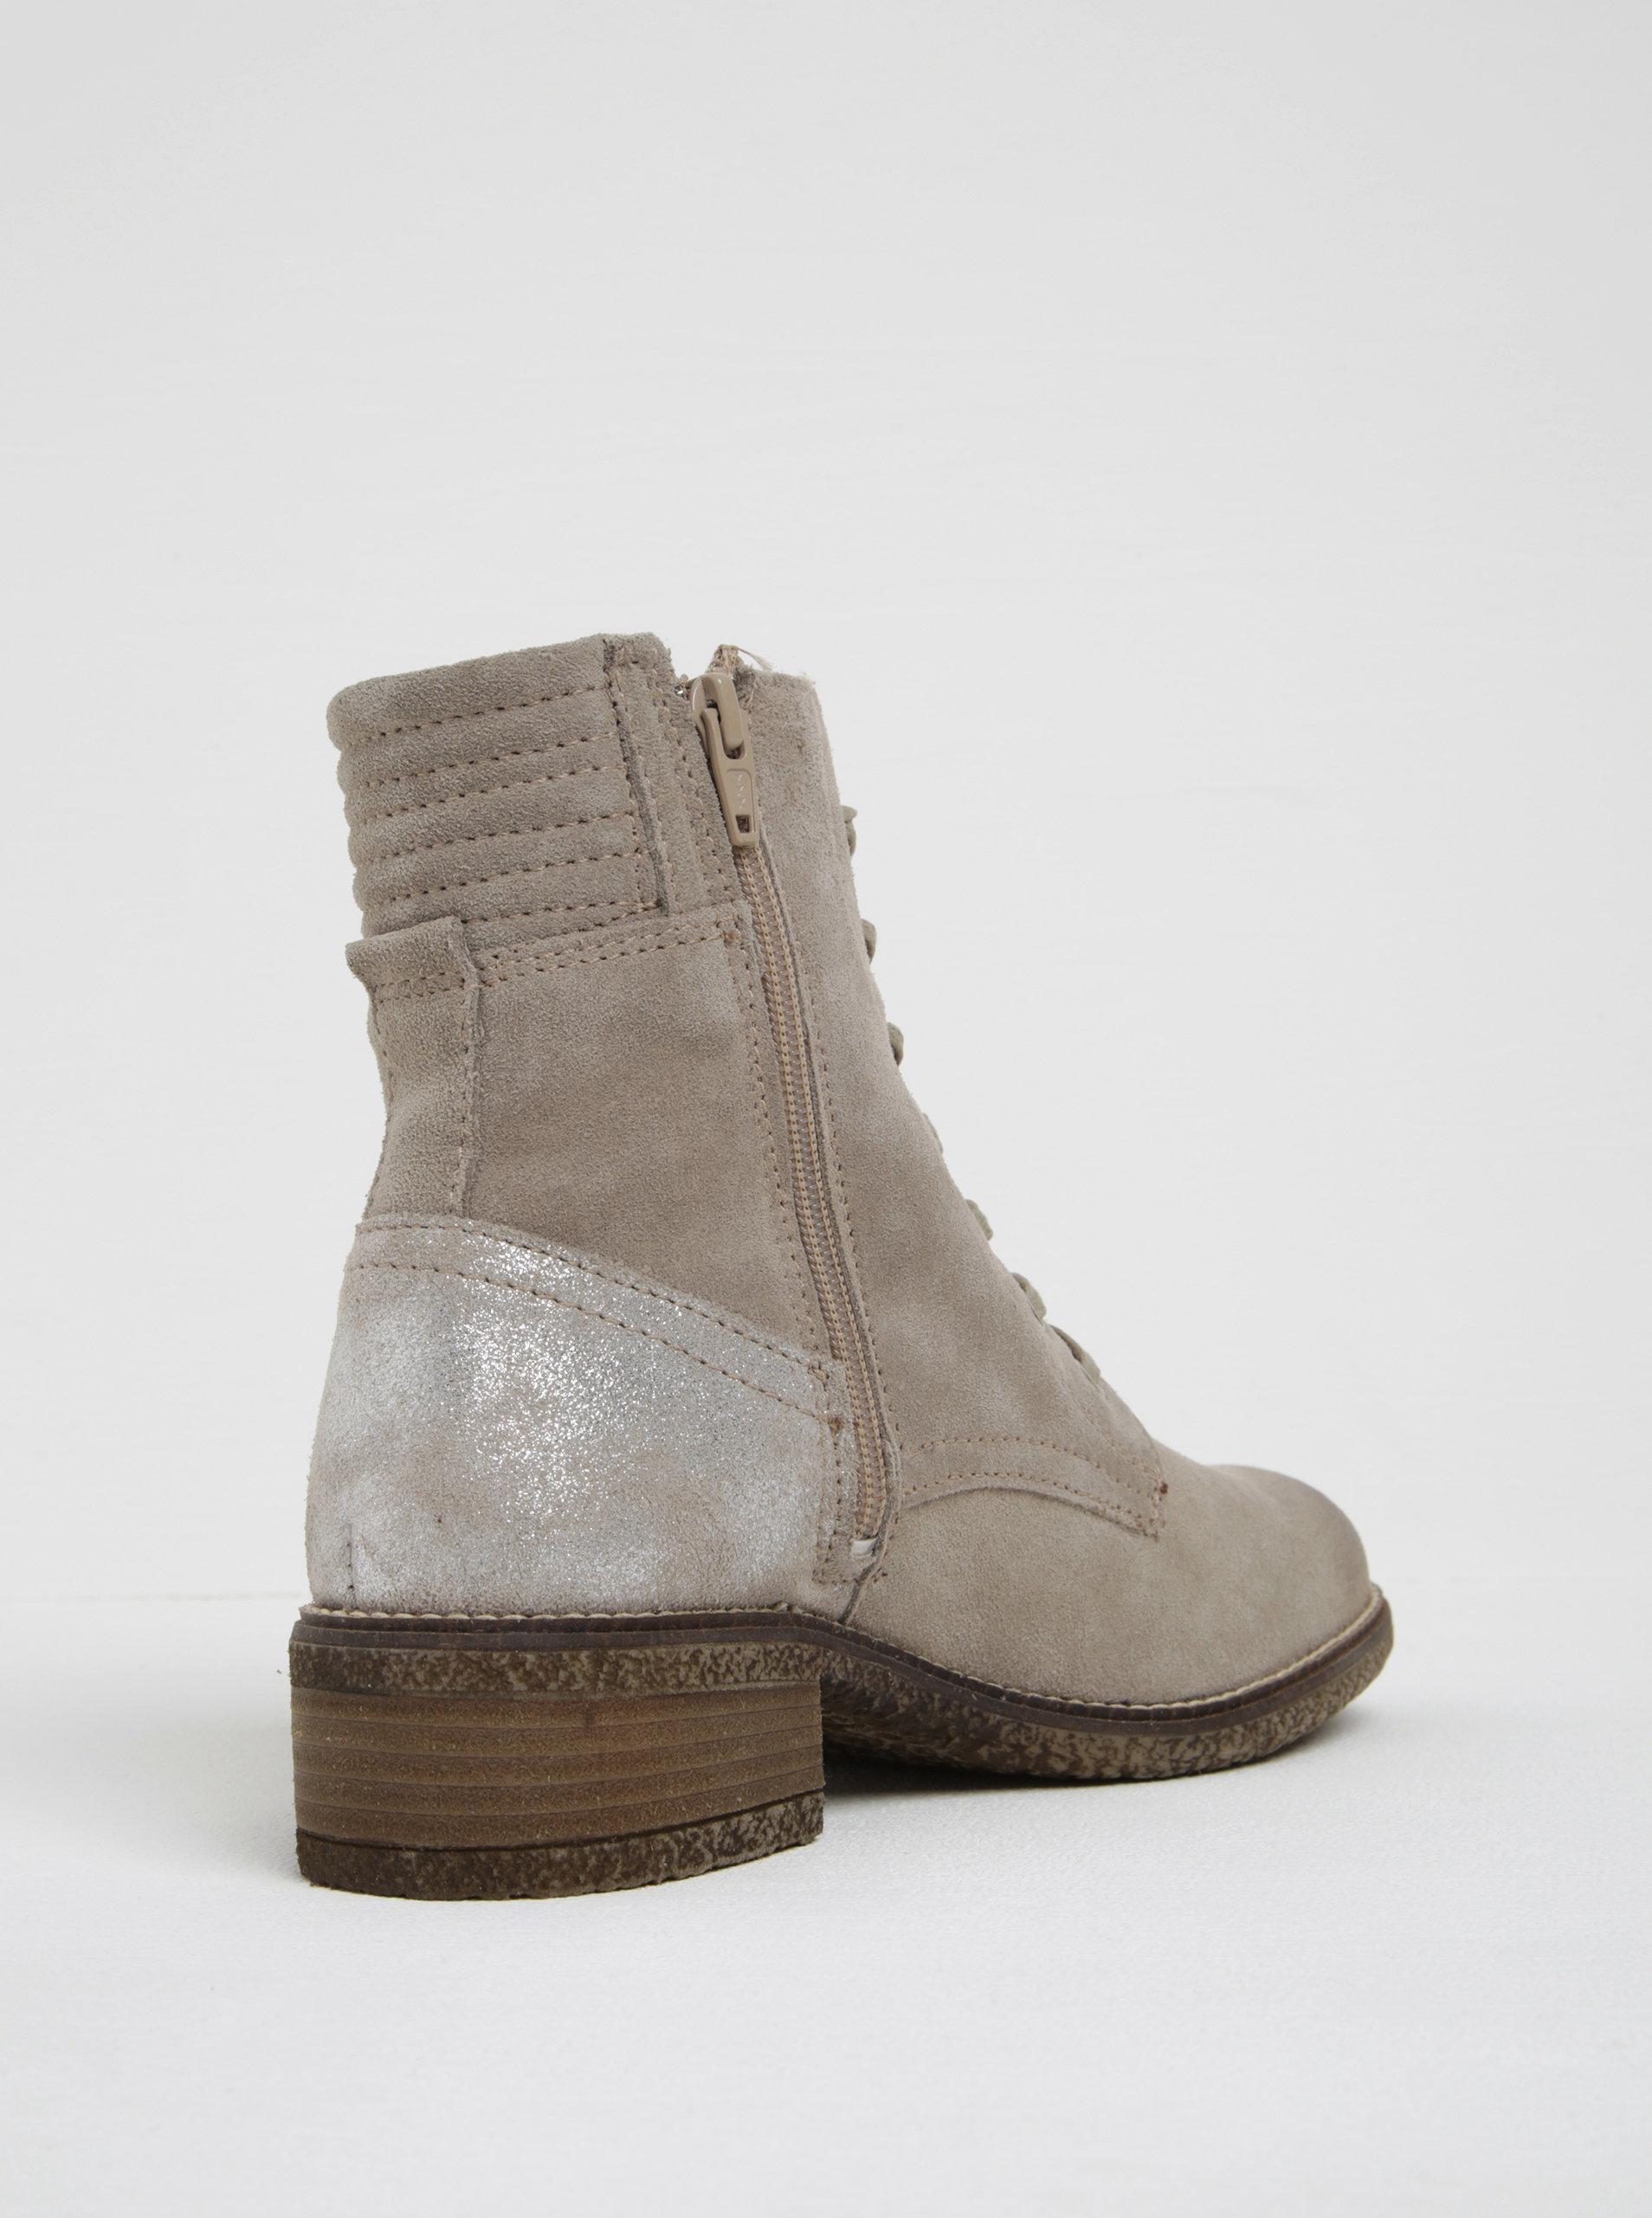 d367933eed2f Béžové semišové kotníkové boty s třpytivou patou Tamaris ...